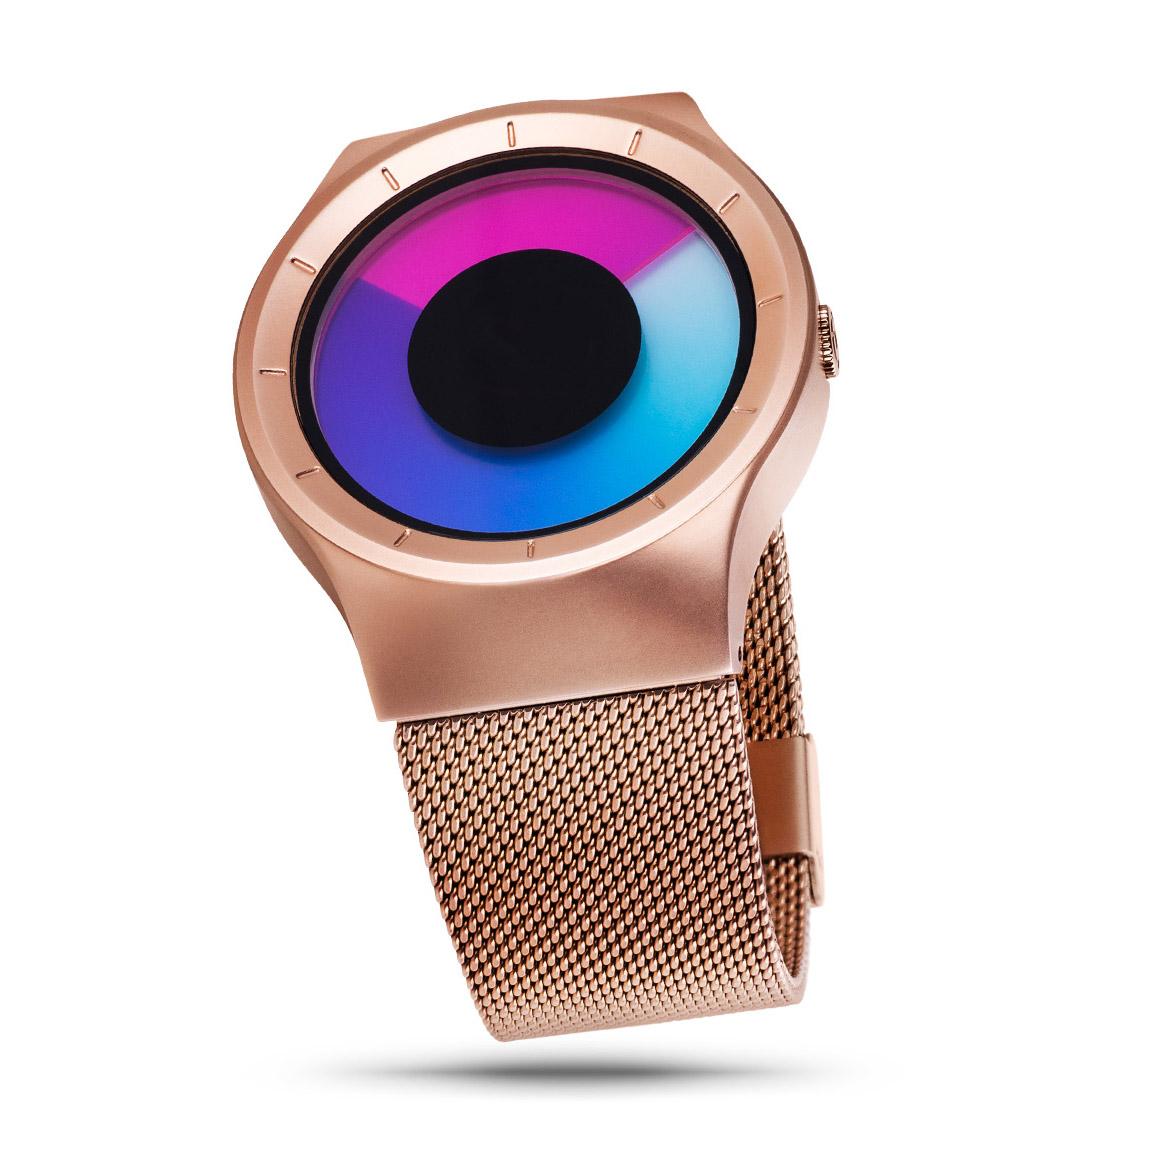 modernus moteriskas laikrodis  dovanos moterims merginai panelei siuolaikiskas modernus isskirtinis unikalus orginalus moteriskas laikrodis sportiska103